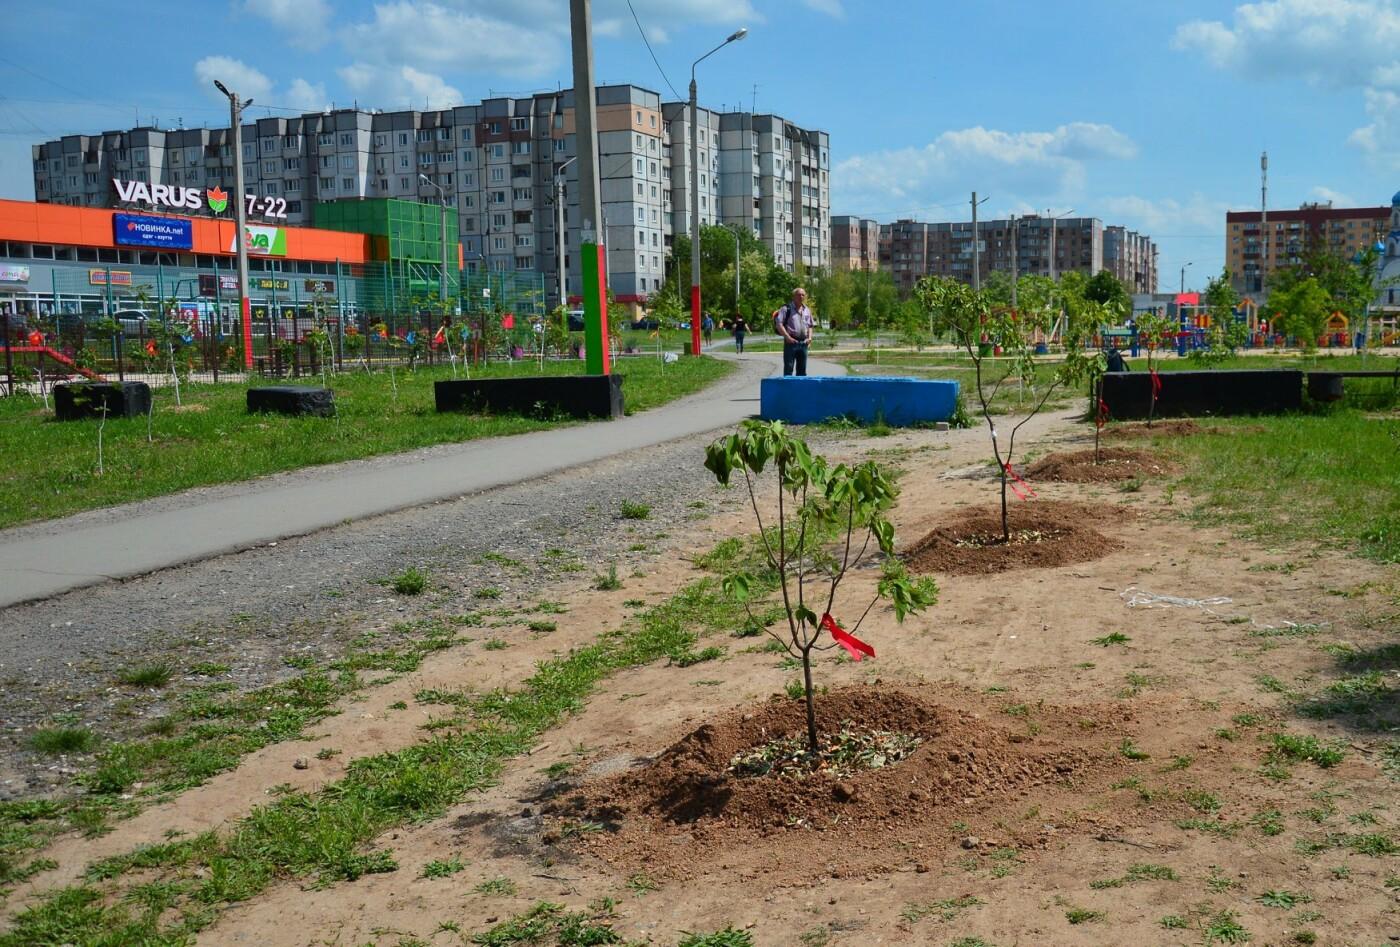 В Кривом Роге появился живой памятник людям, которые умерли из-за СПИДа, - ФОТО , фото-10